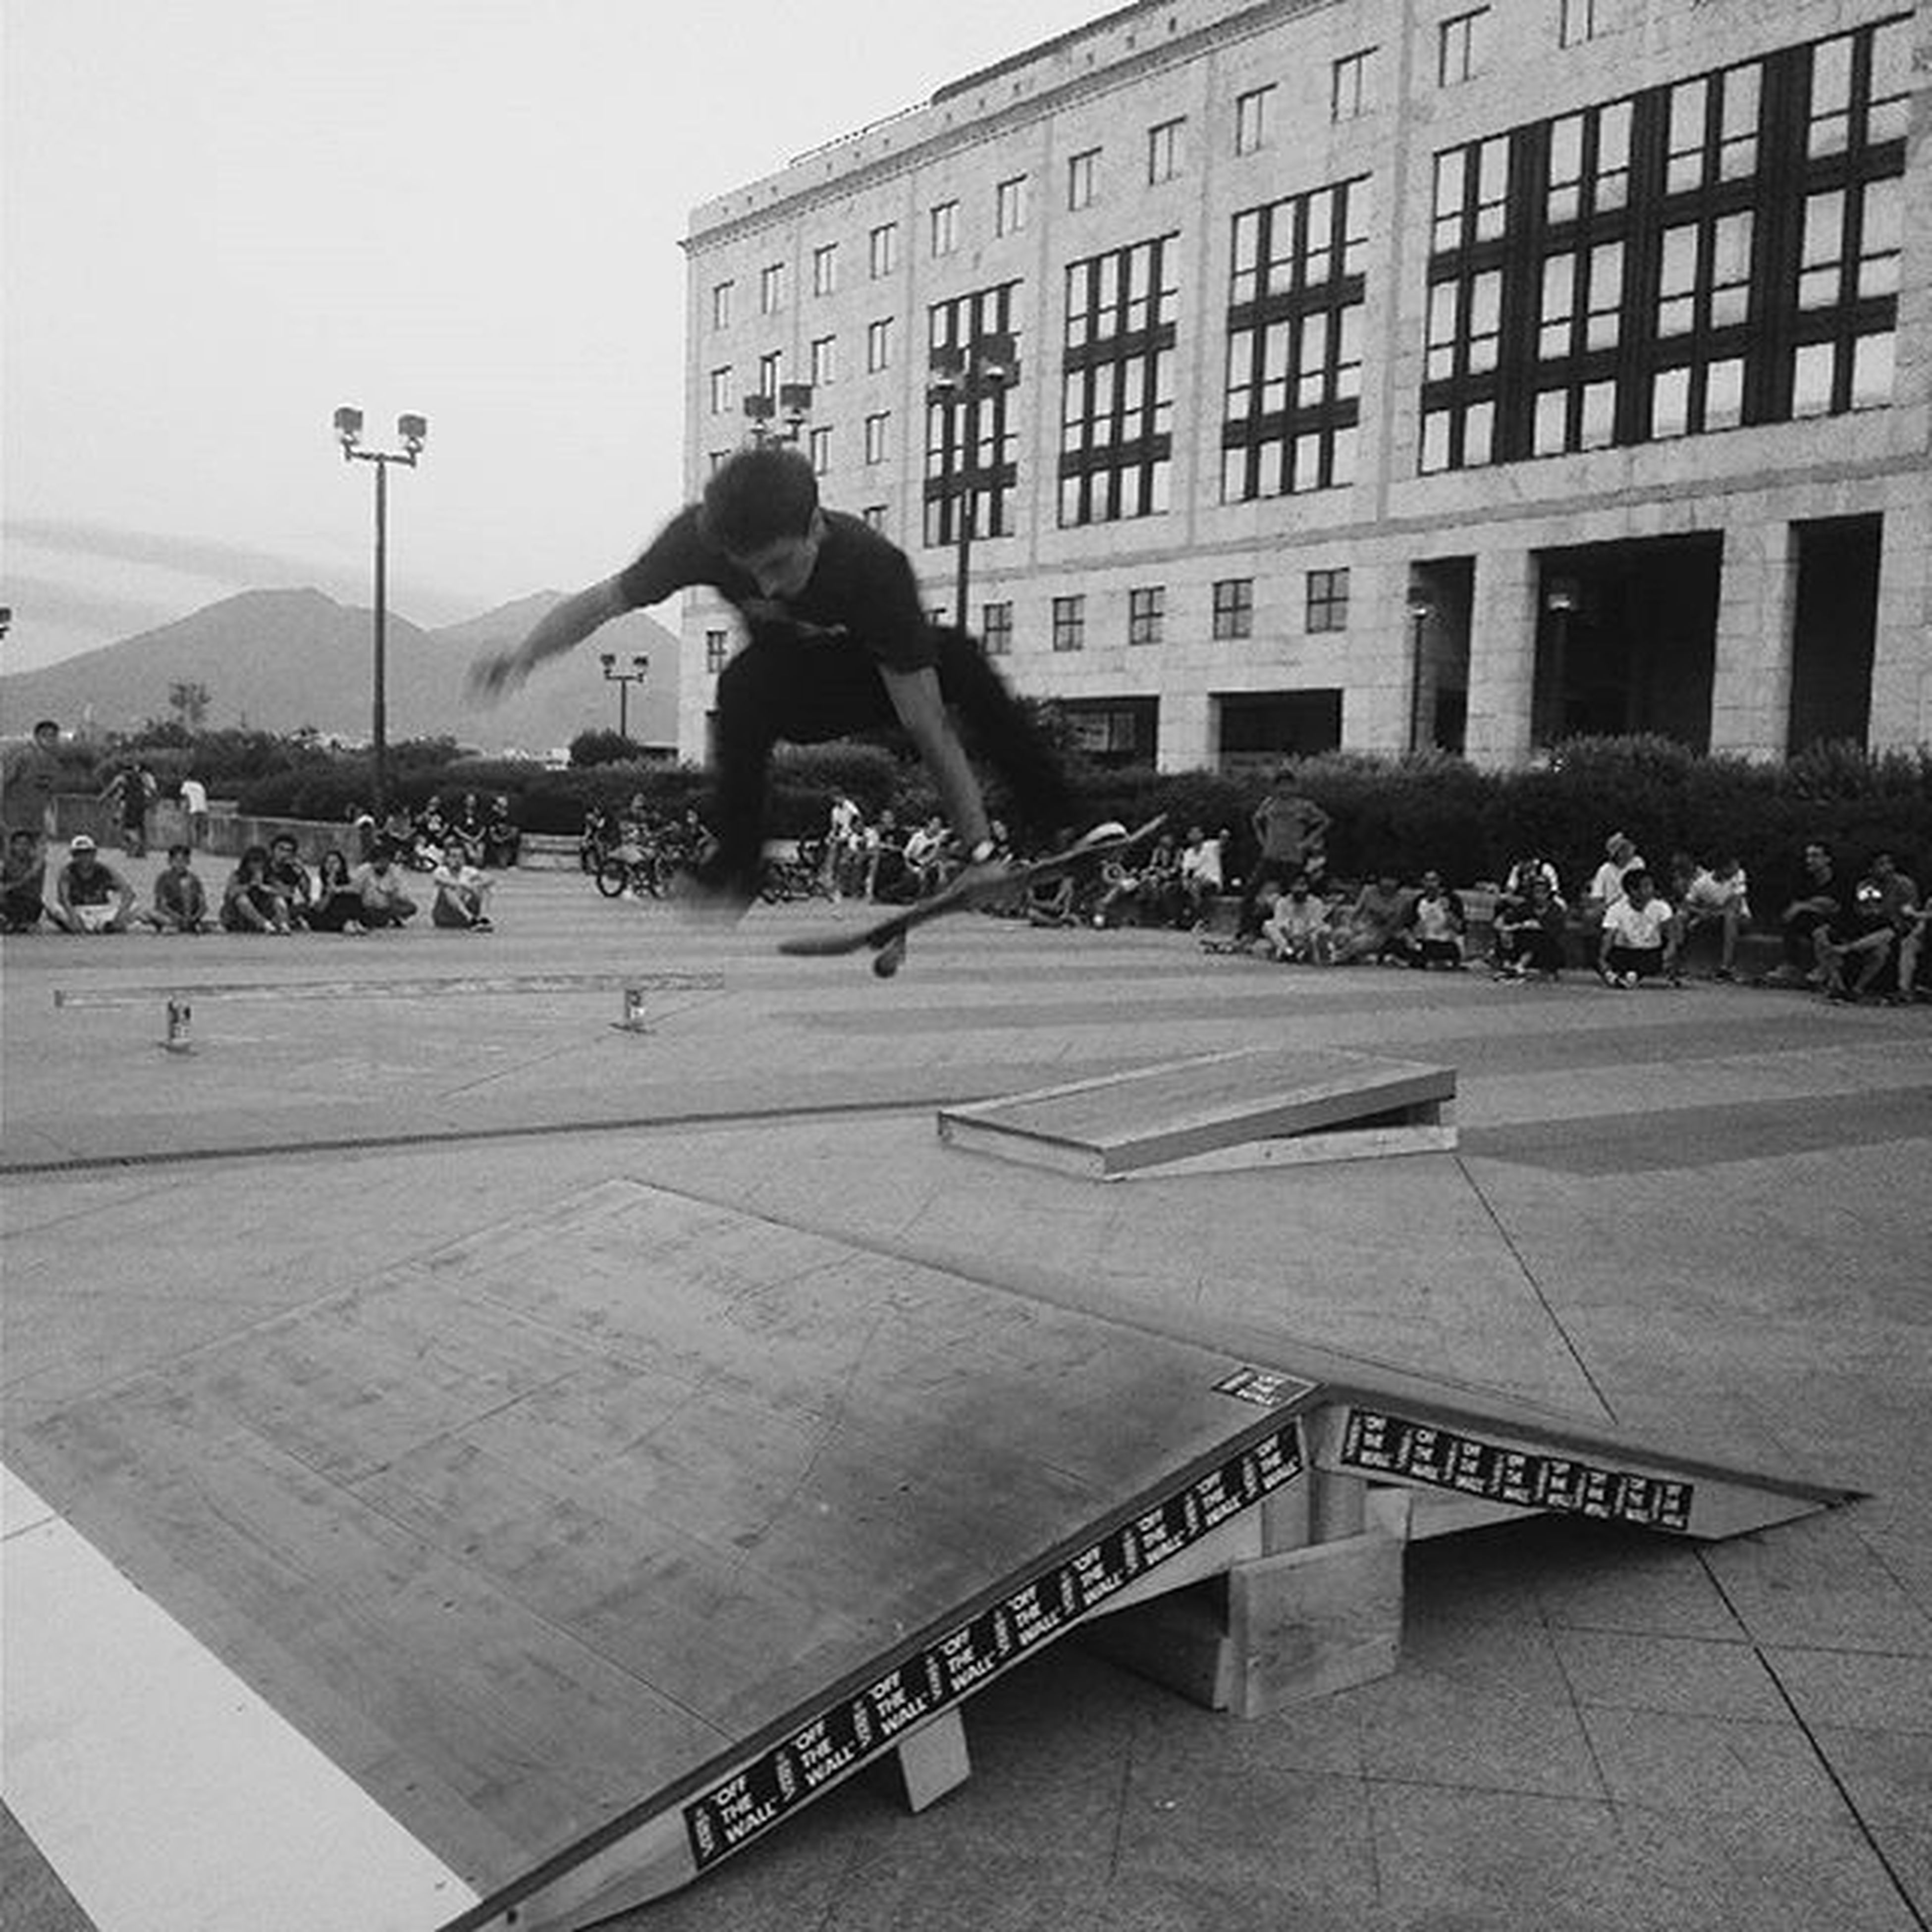 Sul nostro blog (escvpeprjnapoli.blogspot.it) puoi trovare la nostra analisi sull'evento NoiDiGiù GiugnoGiovani di martedì 30 giugno. VansNapoli VansContest Skate Napoli @escvpeprjnapoli